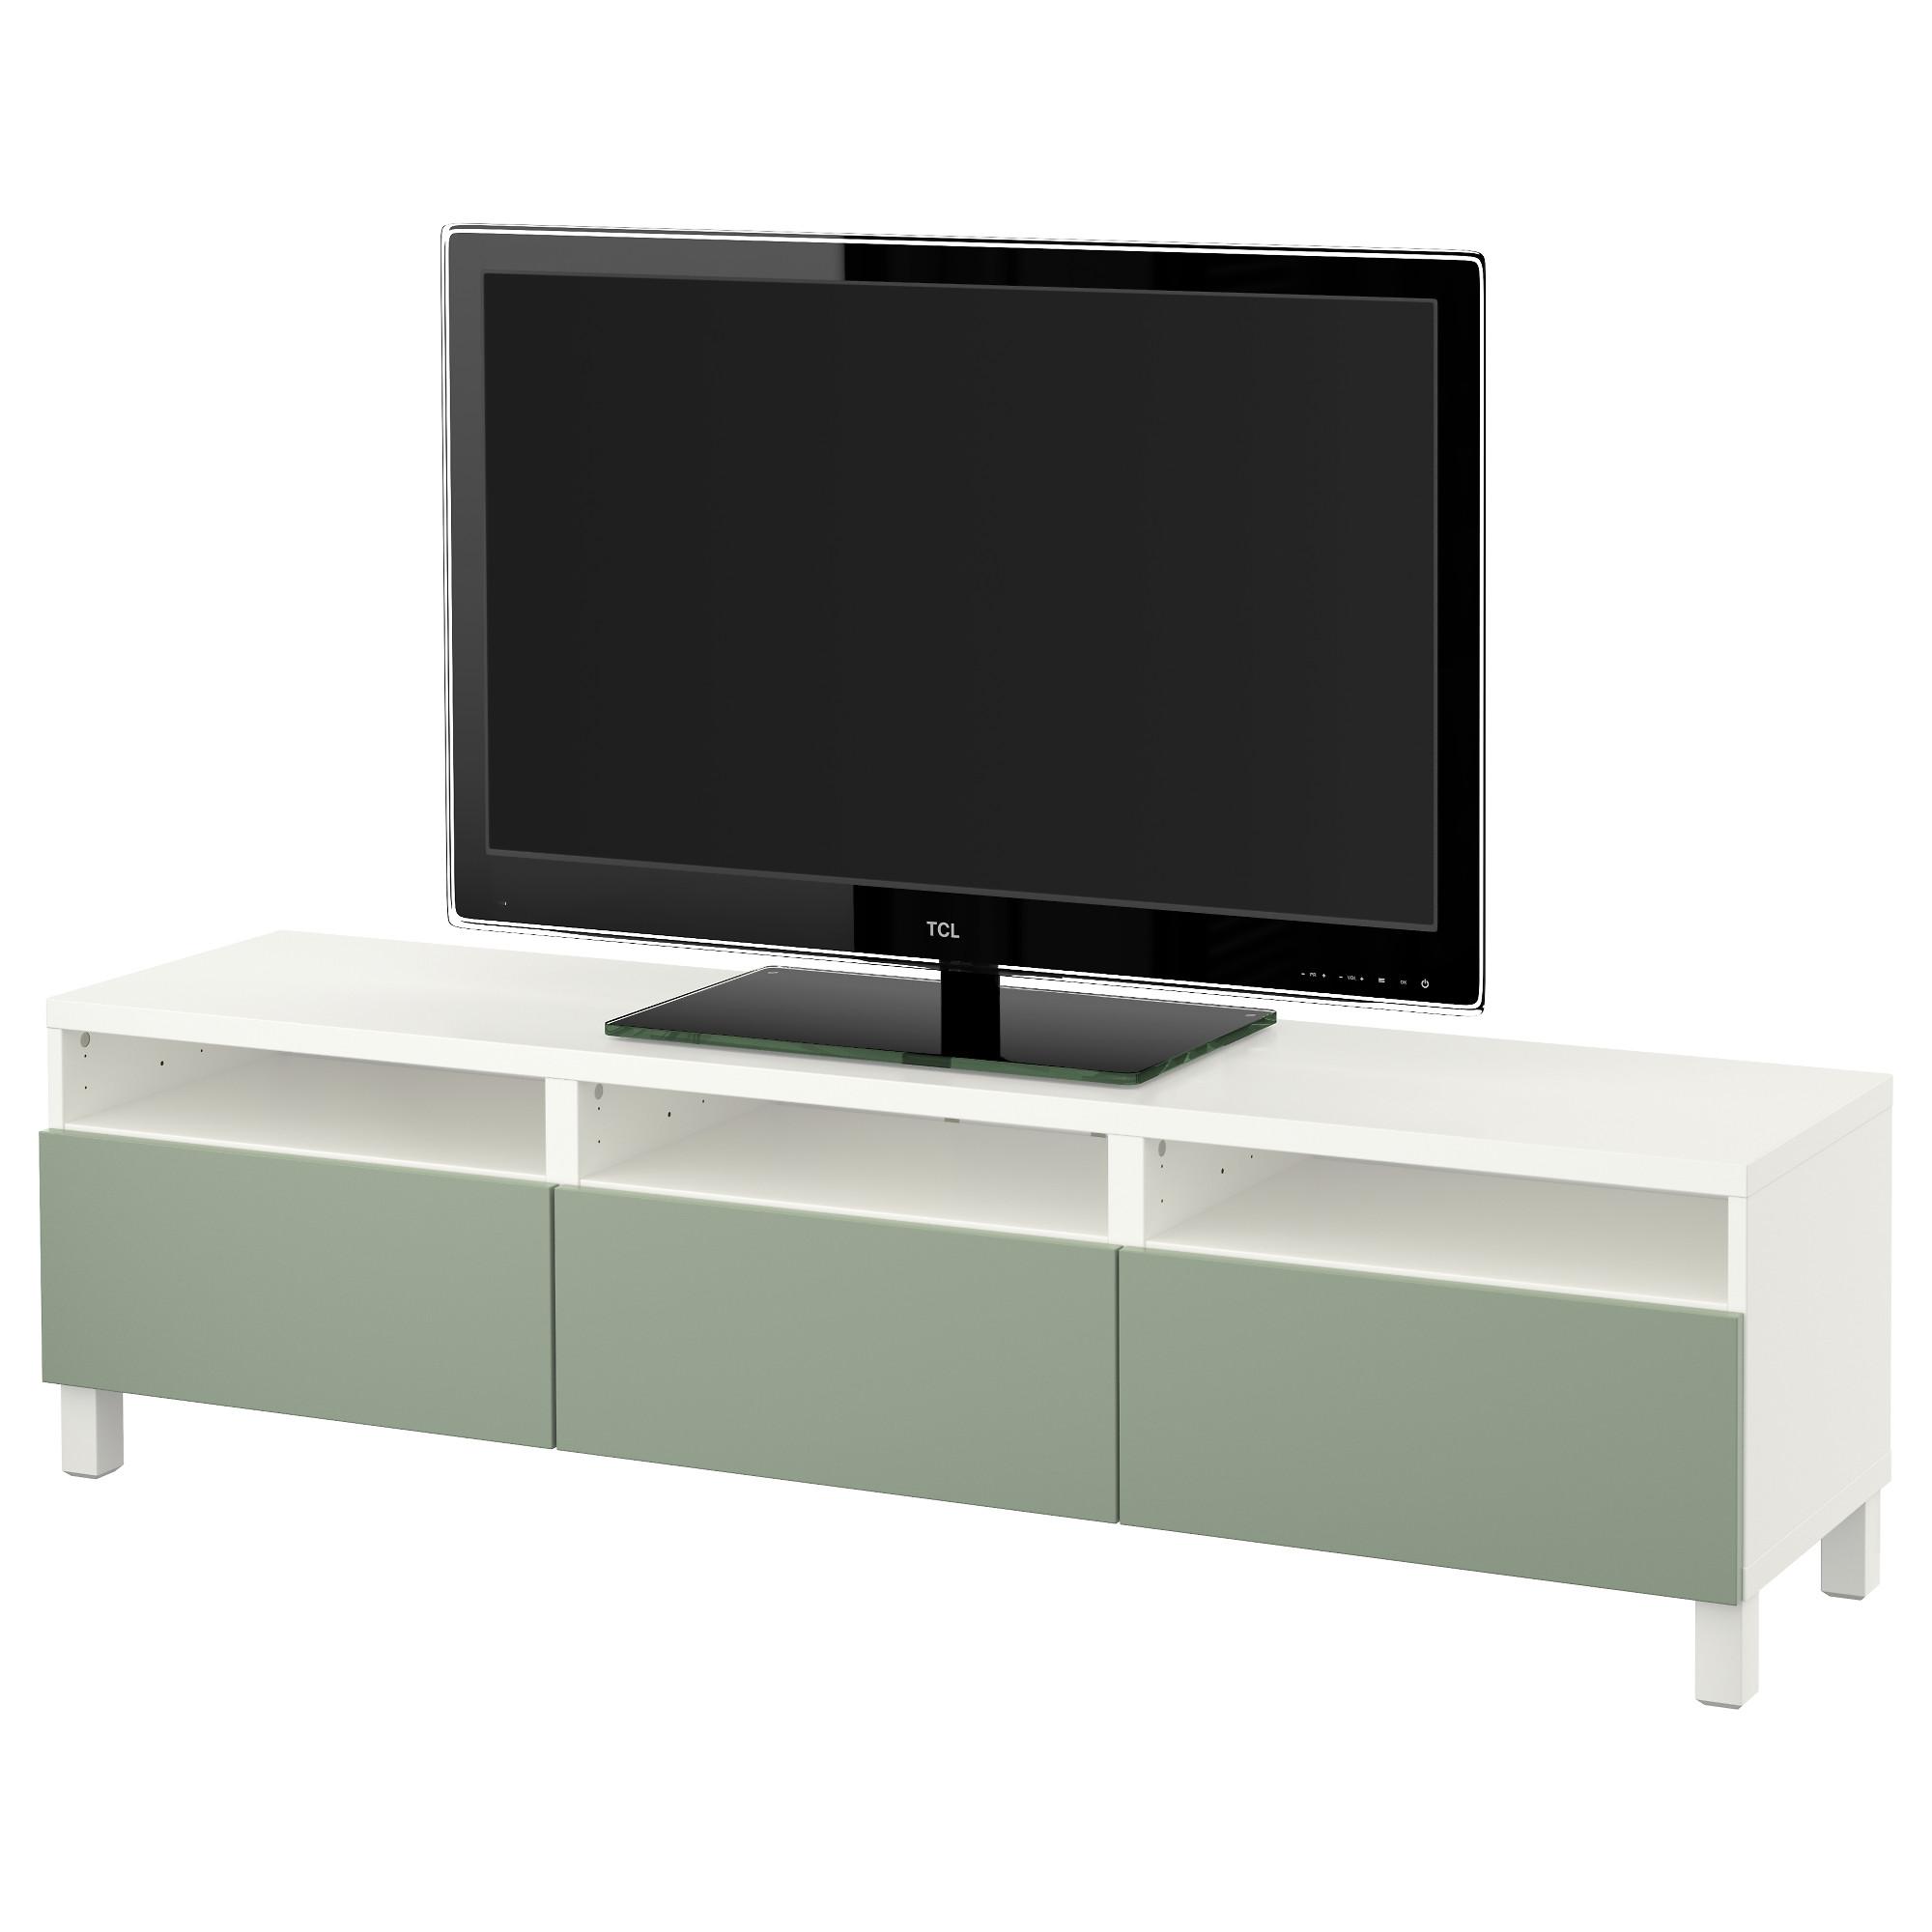 Тумба для ТВ с ящиками БЕСТО зеленый артикуль № 691.395.18 в наличии. Online каталог IKEA РБ. Быстрая доставка и соборка.